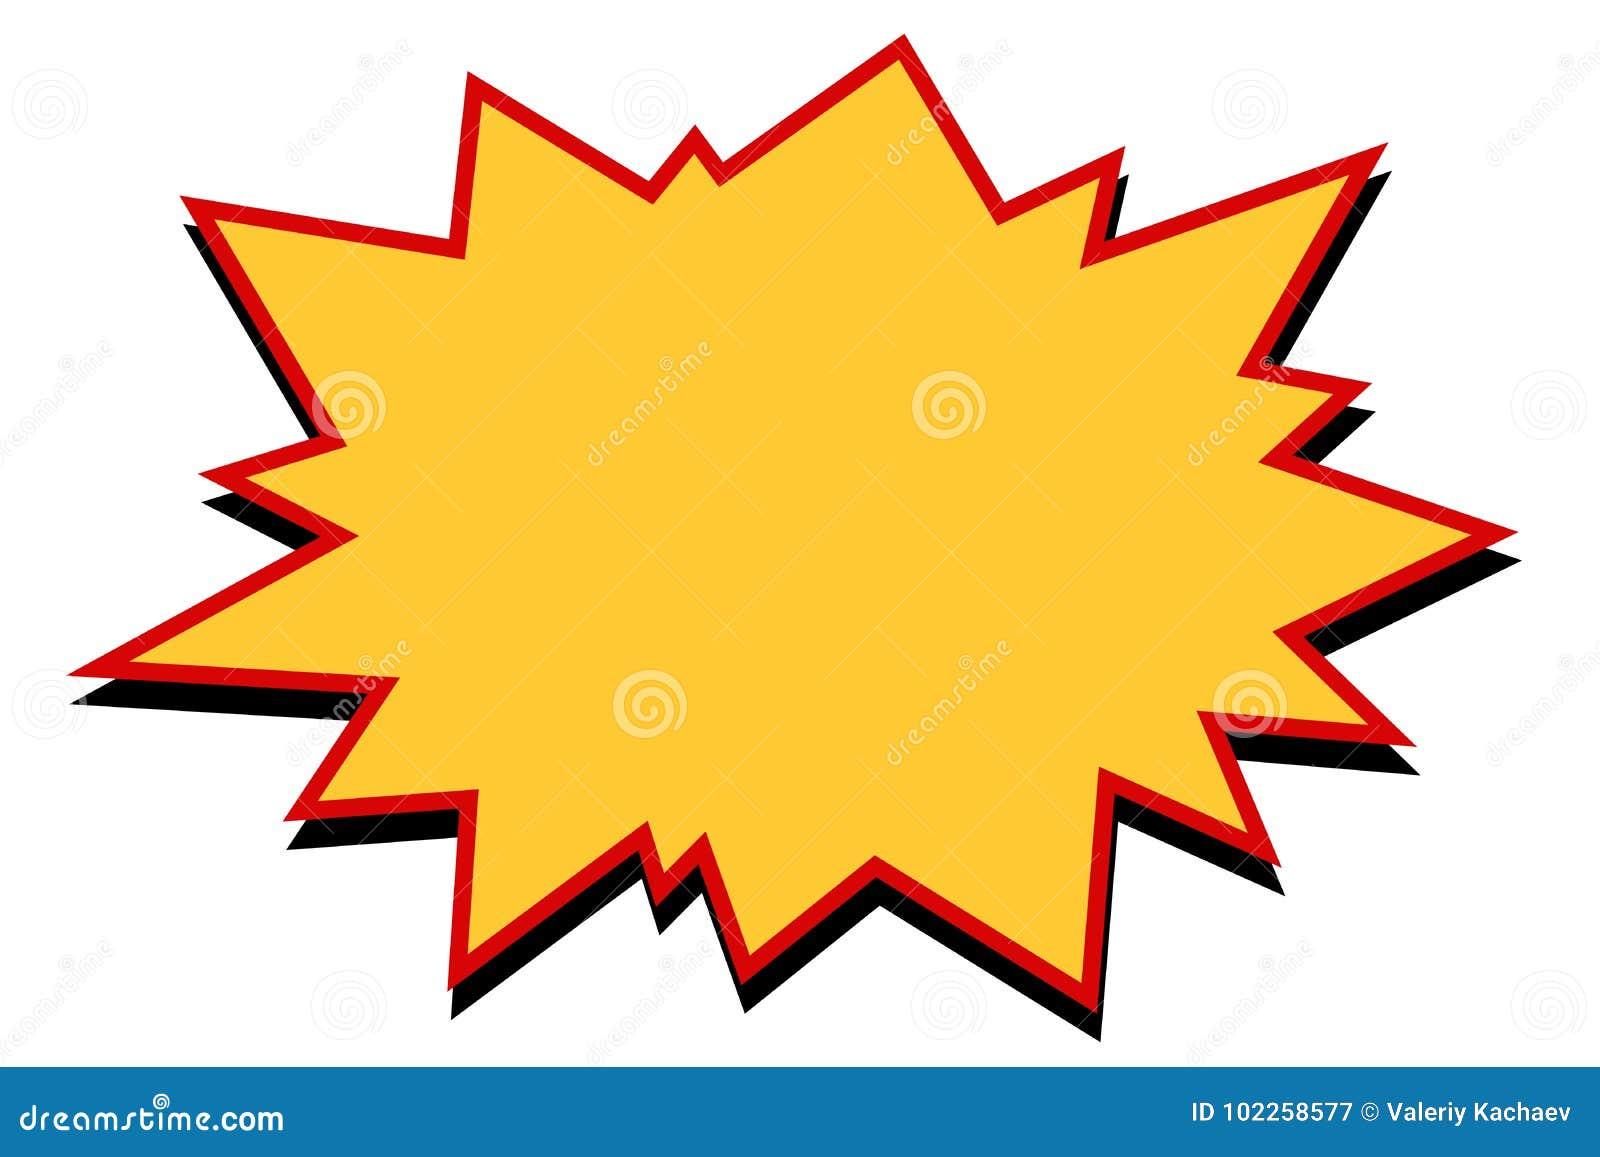 Explosión cómica del amarillo